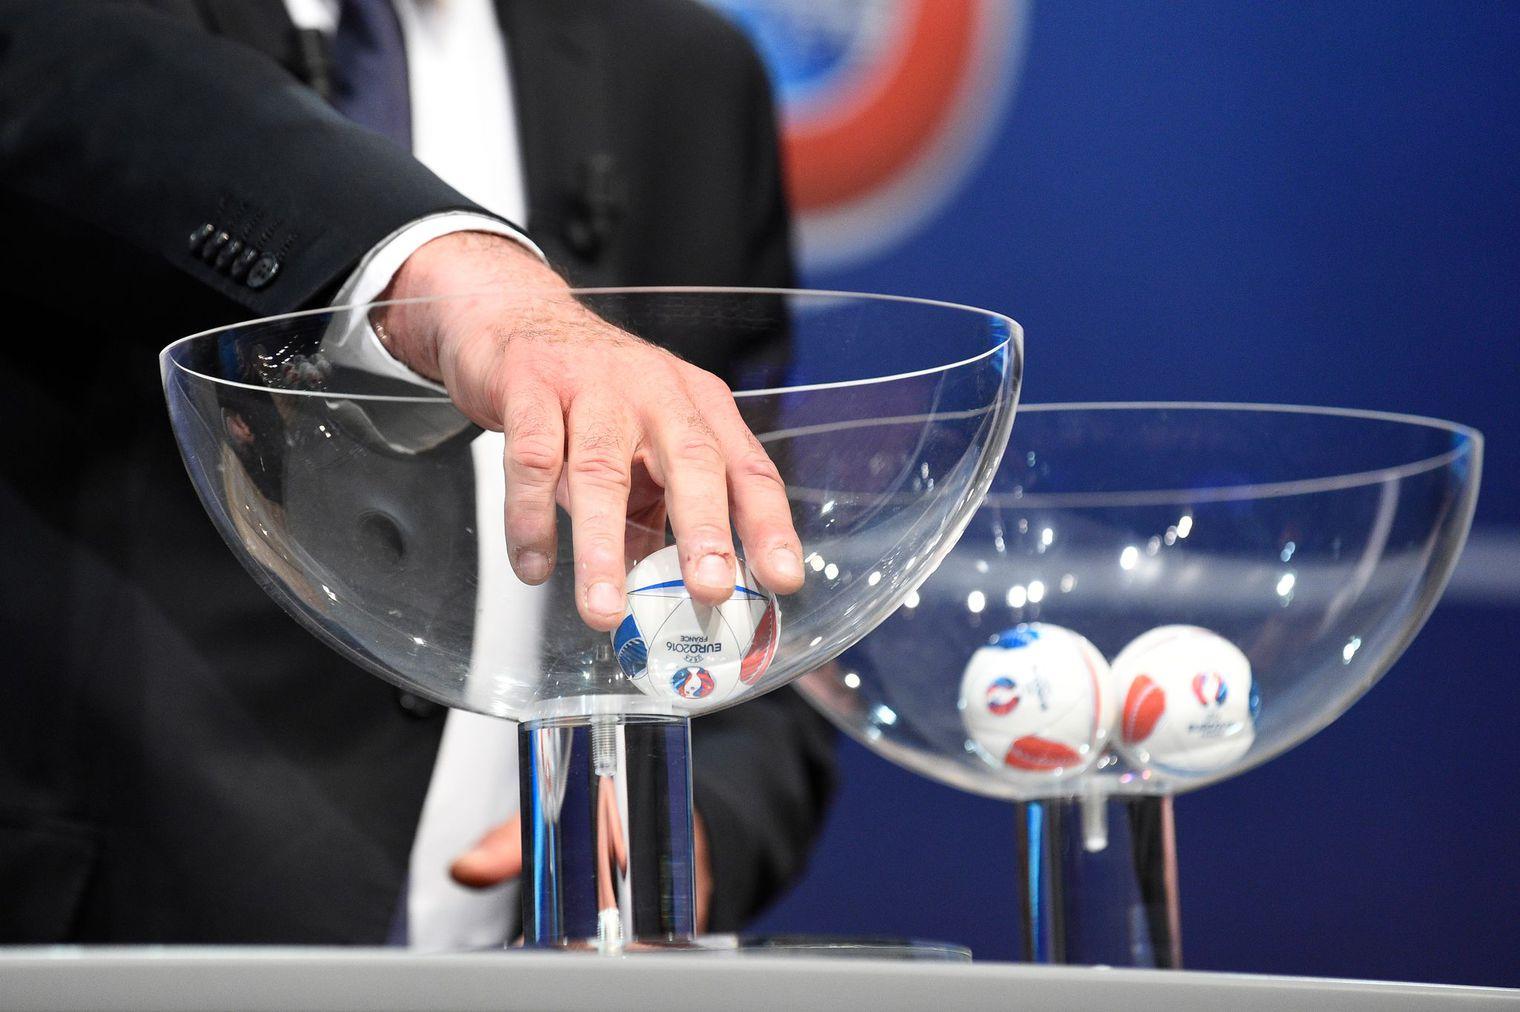 Actualit tirage au sort officiel des groupes - Tirage au sort coupe de france de football ...